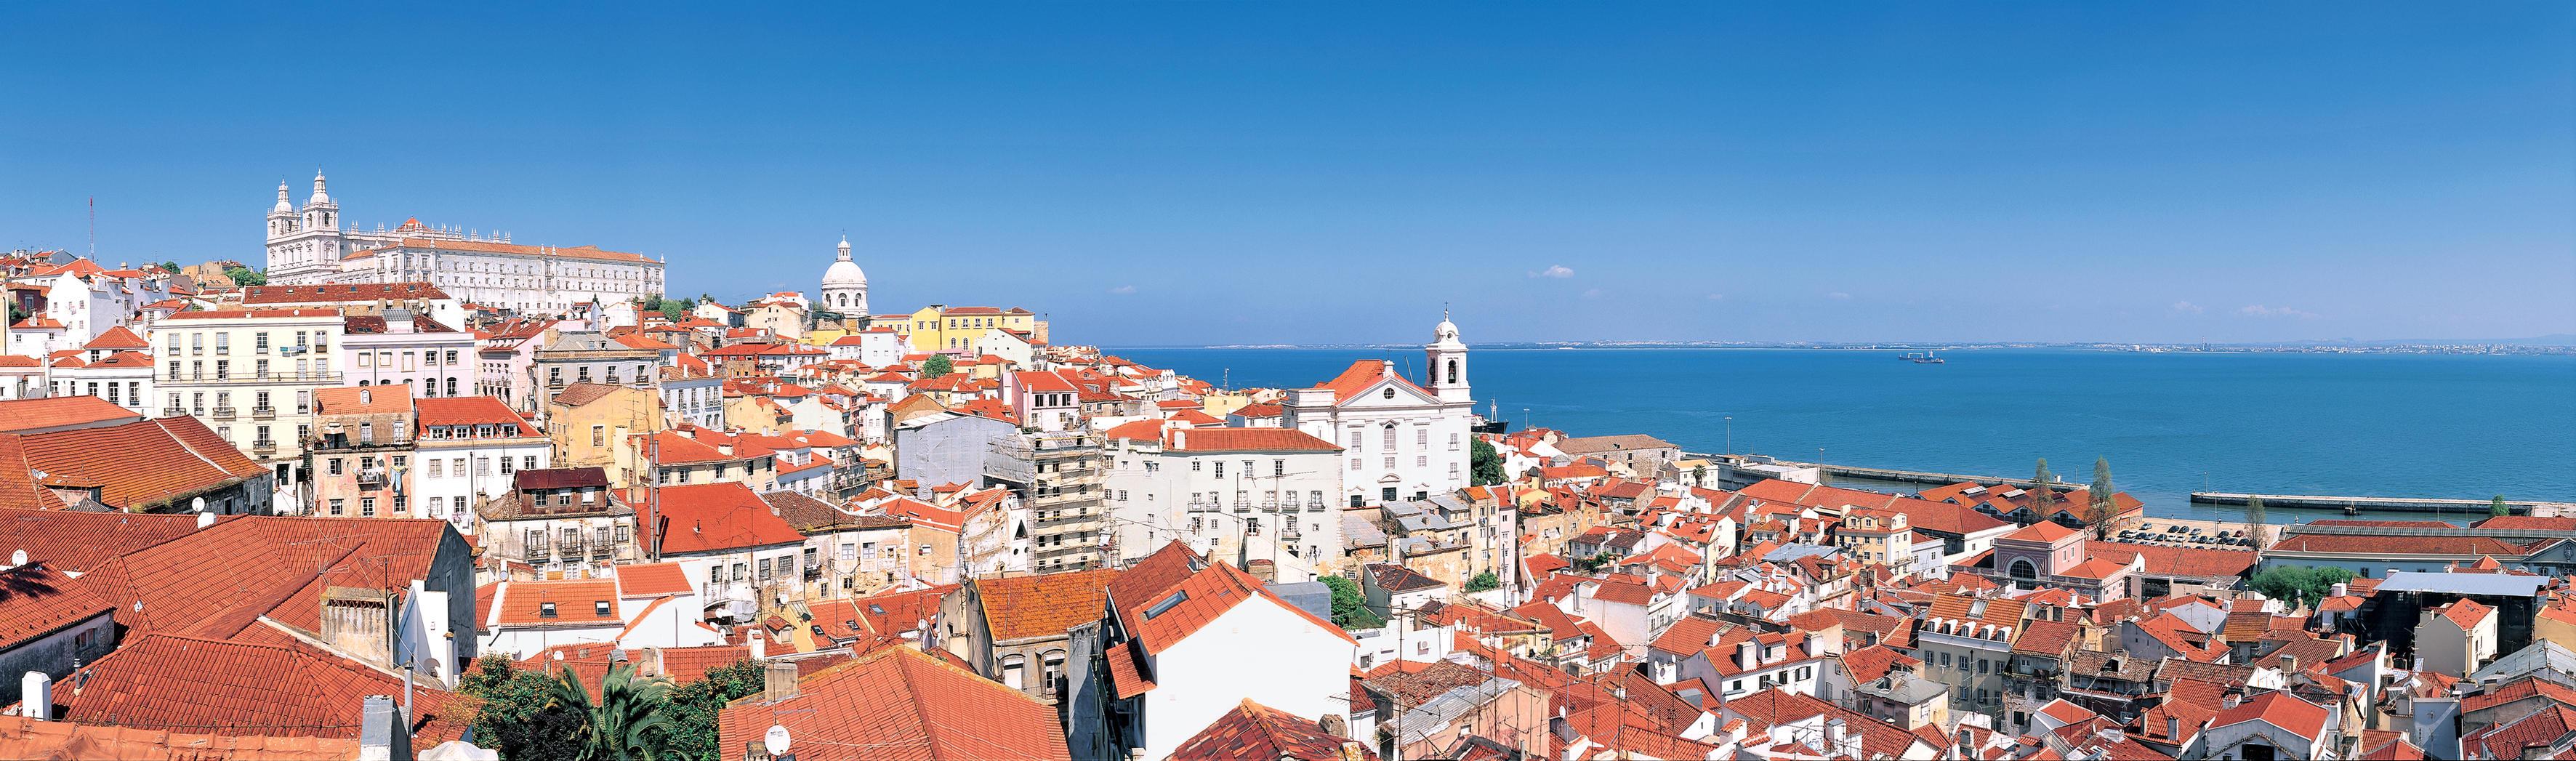 OT visit portugal